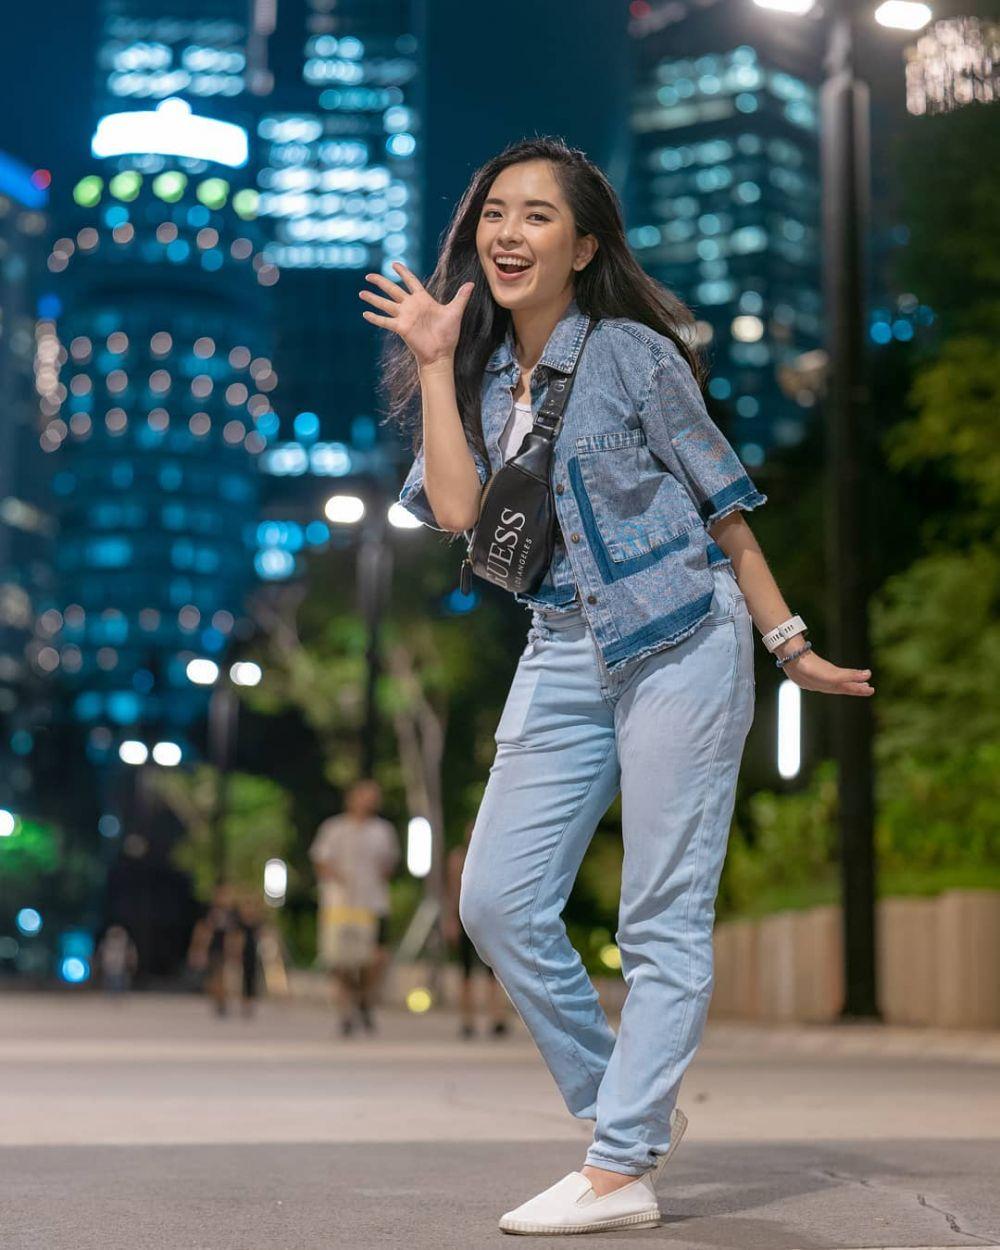 9 Potret Pemeran Wanita Muda dalam Sinetron TOP, Memesona Semua!